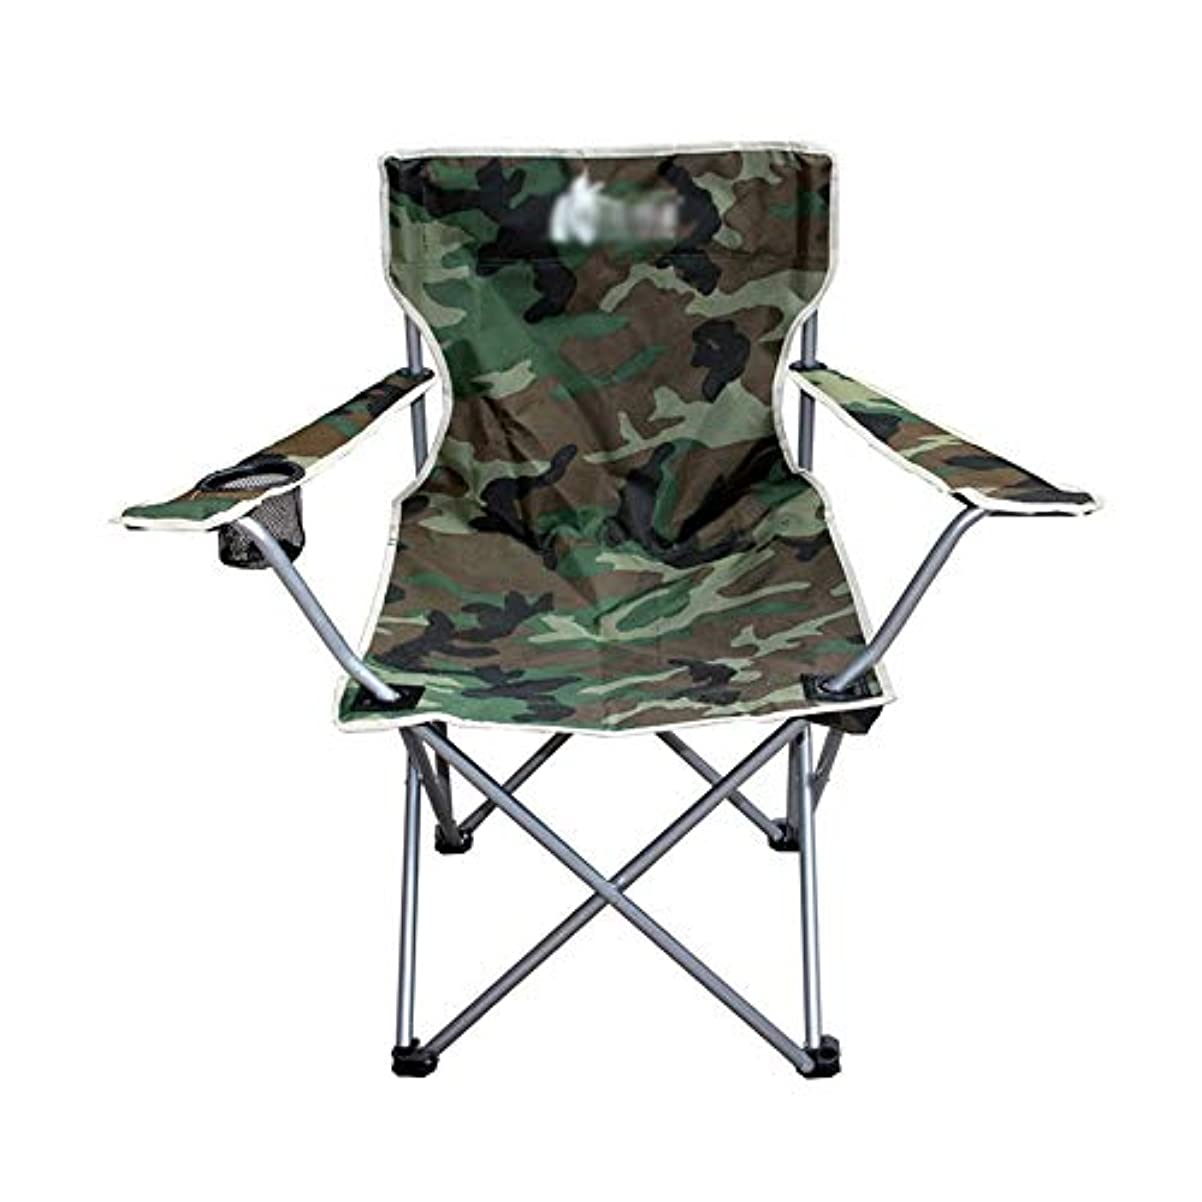 傷つける作動するシネウィ大きい折る腰掛けの屋外の肘掛け椅子の倍の生地の折る椅子の迷彩のあと振れ止めの椅子80×40×49cm GW